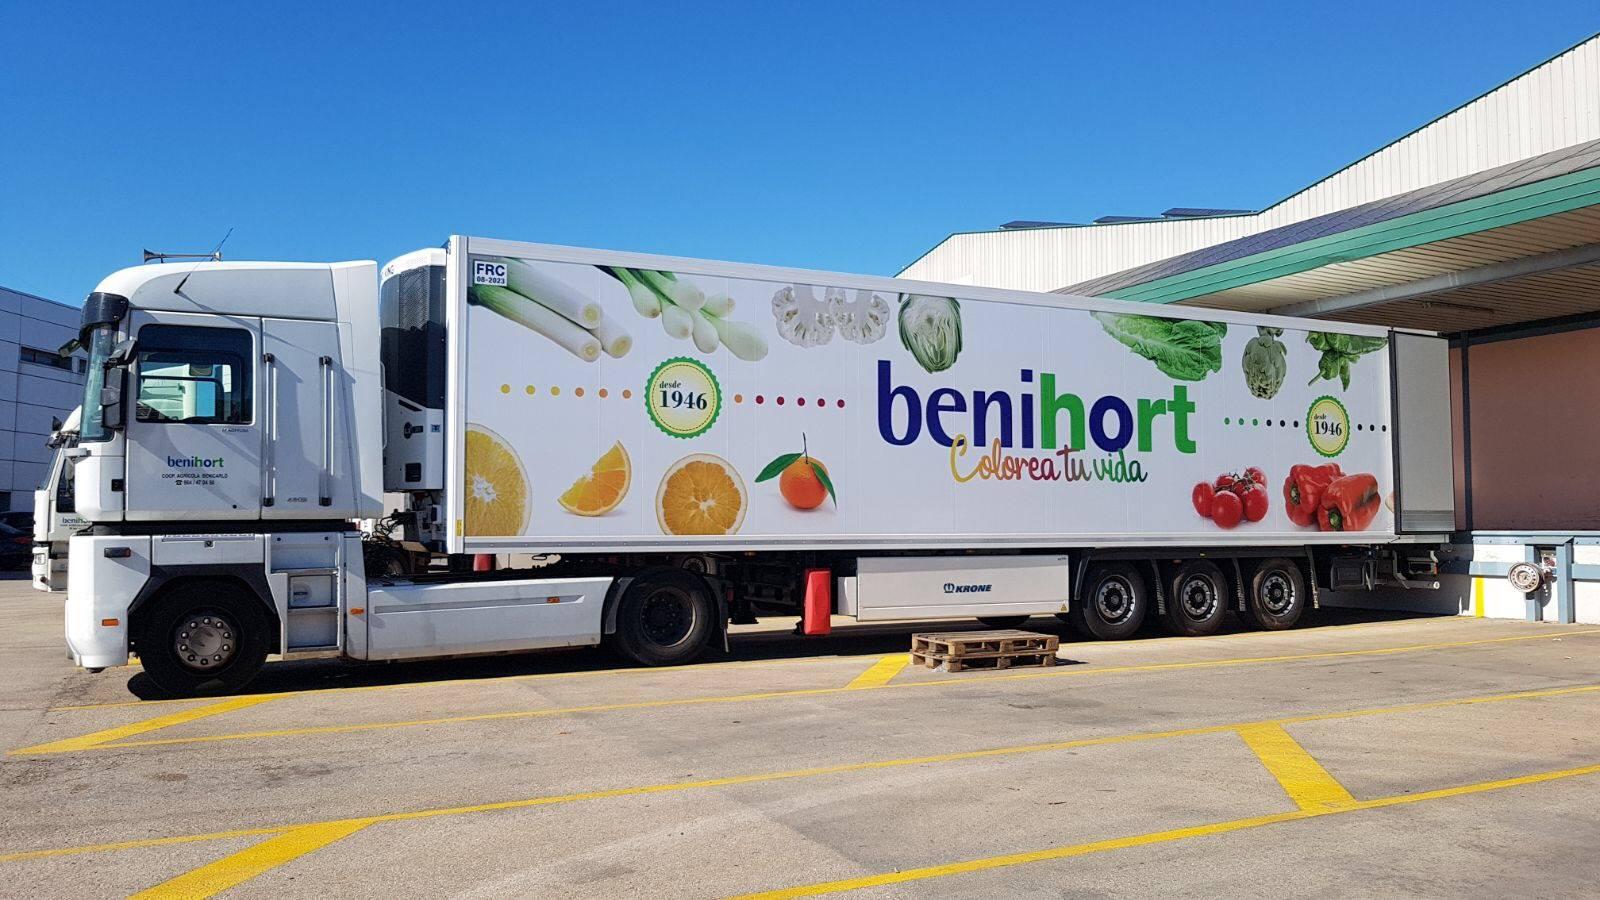 El nuevo tráiler de Benihort ya está en la carretera